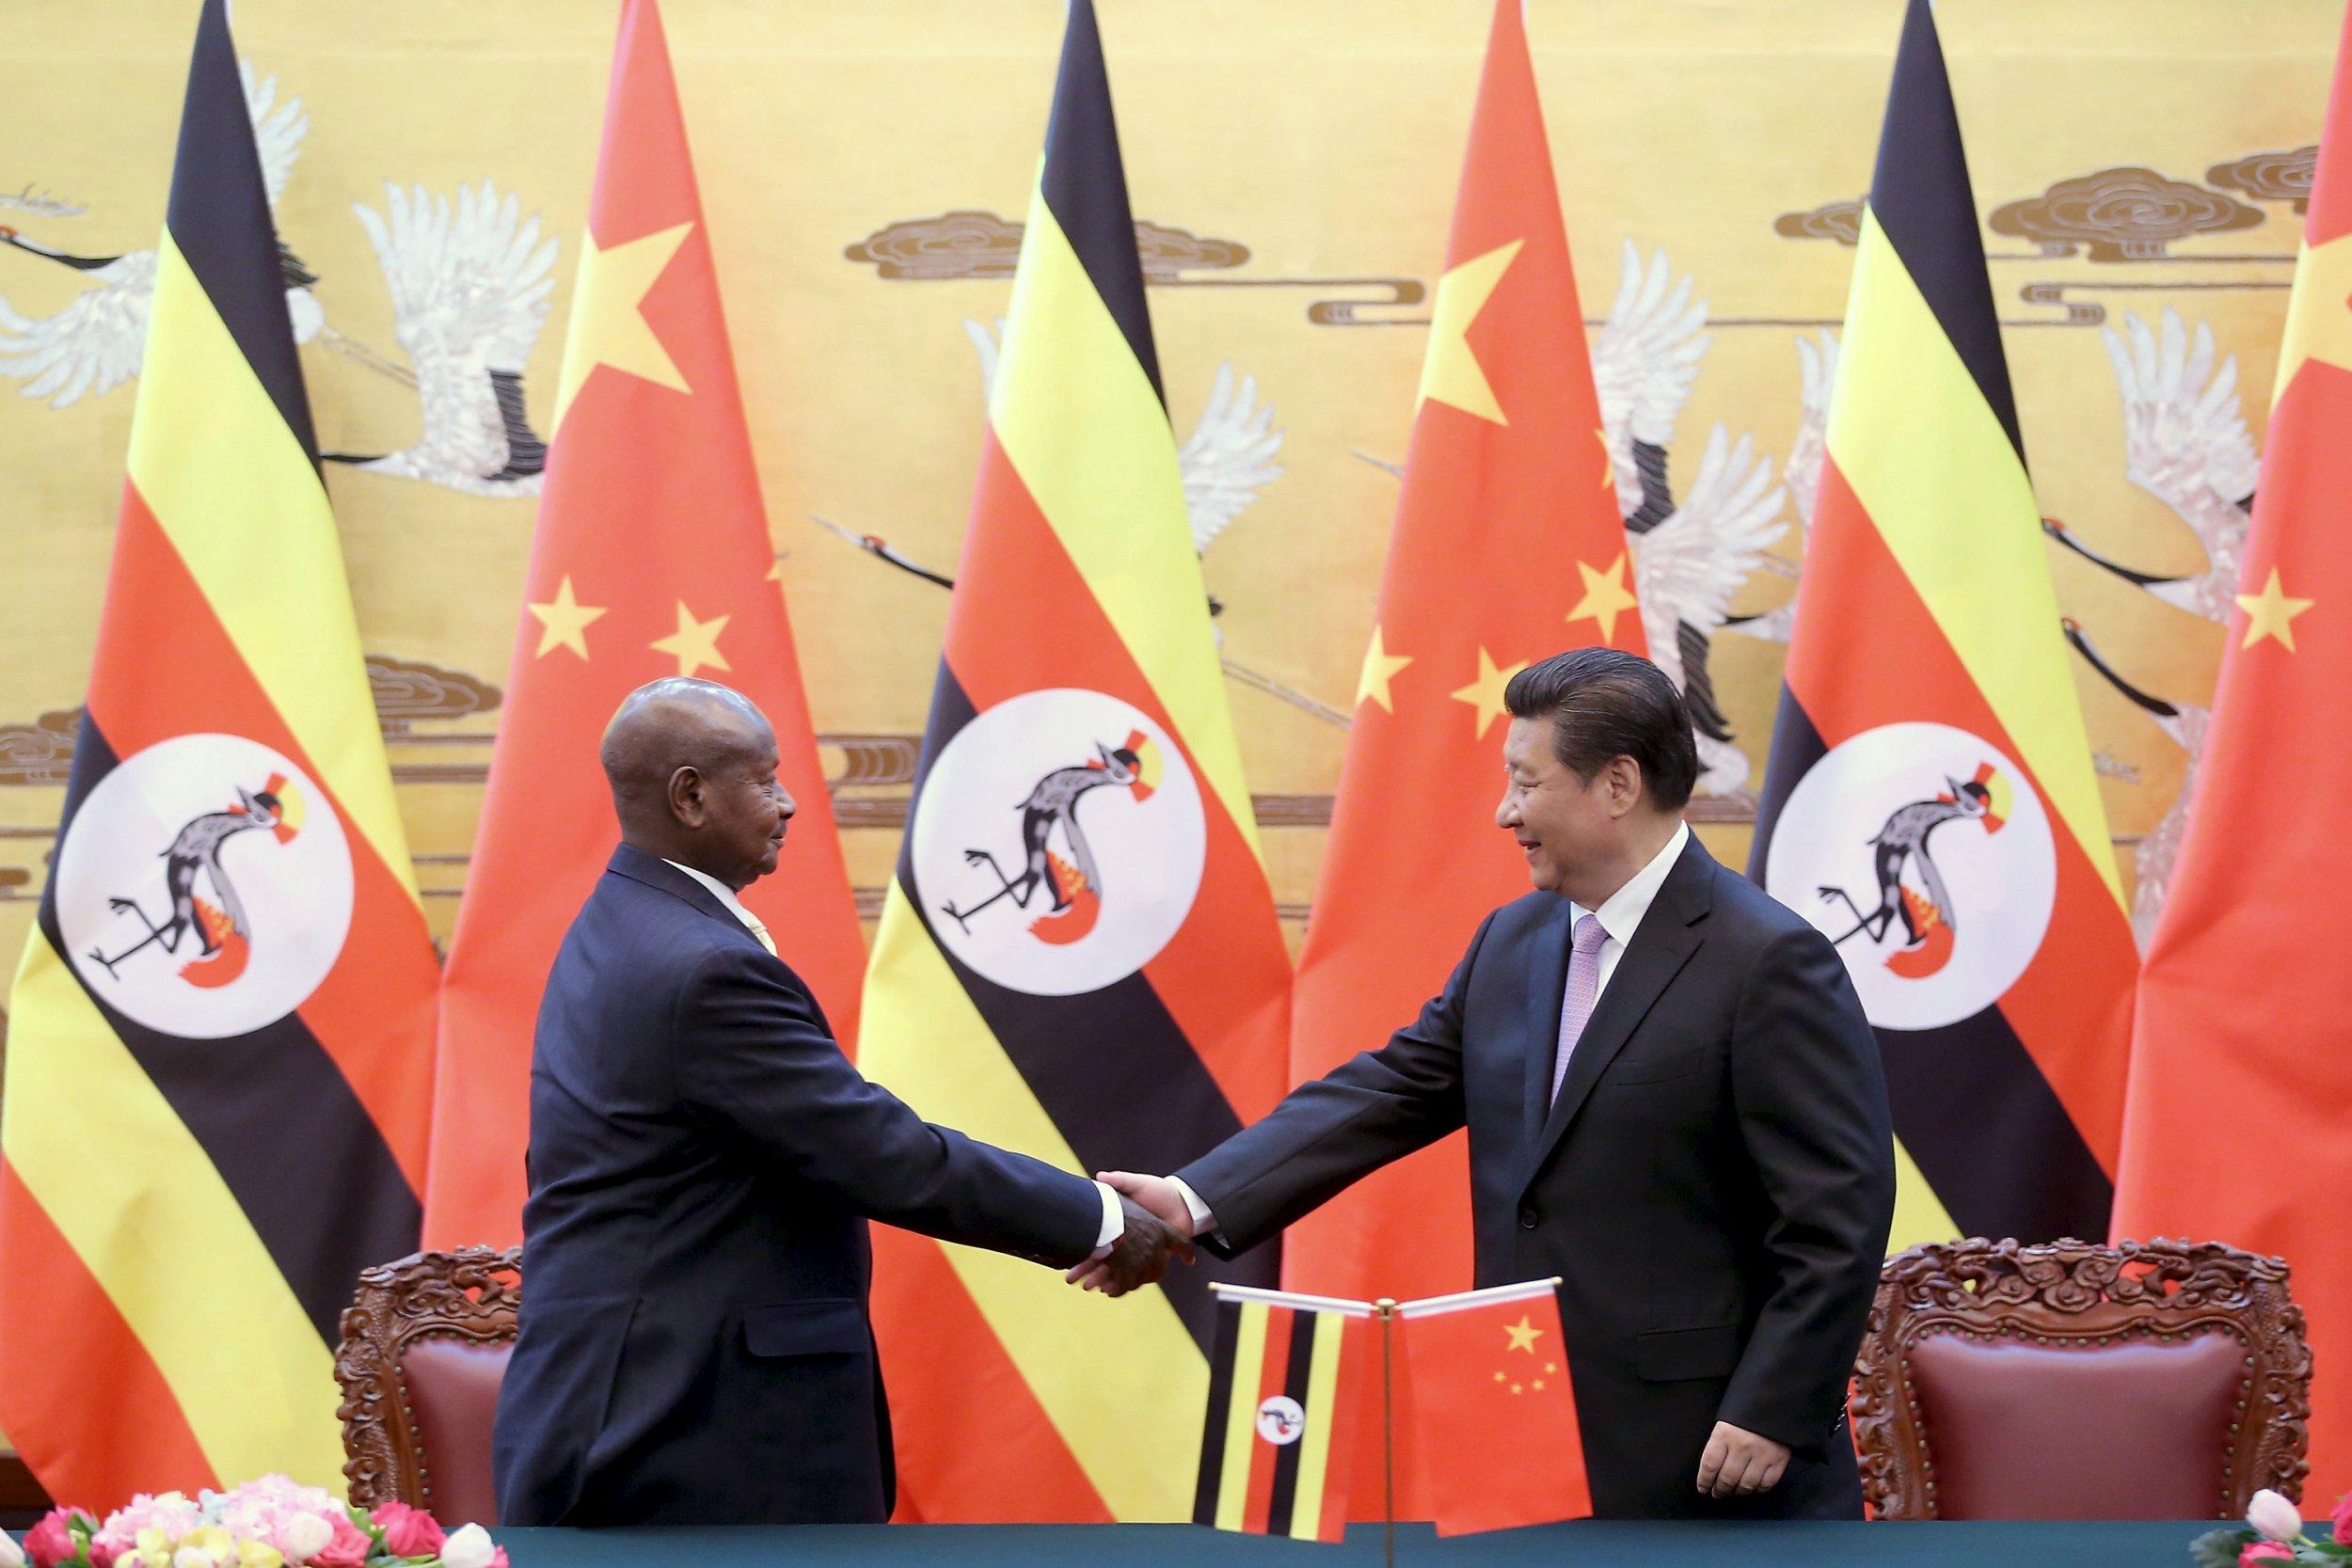 Xi Jinping and Museveni